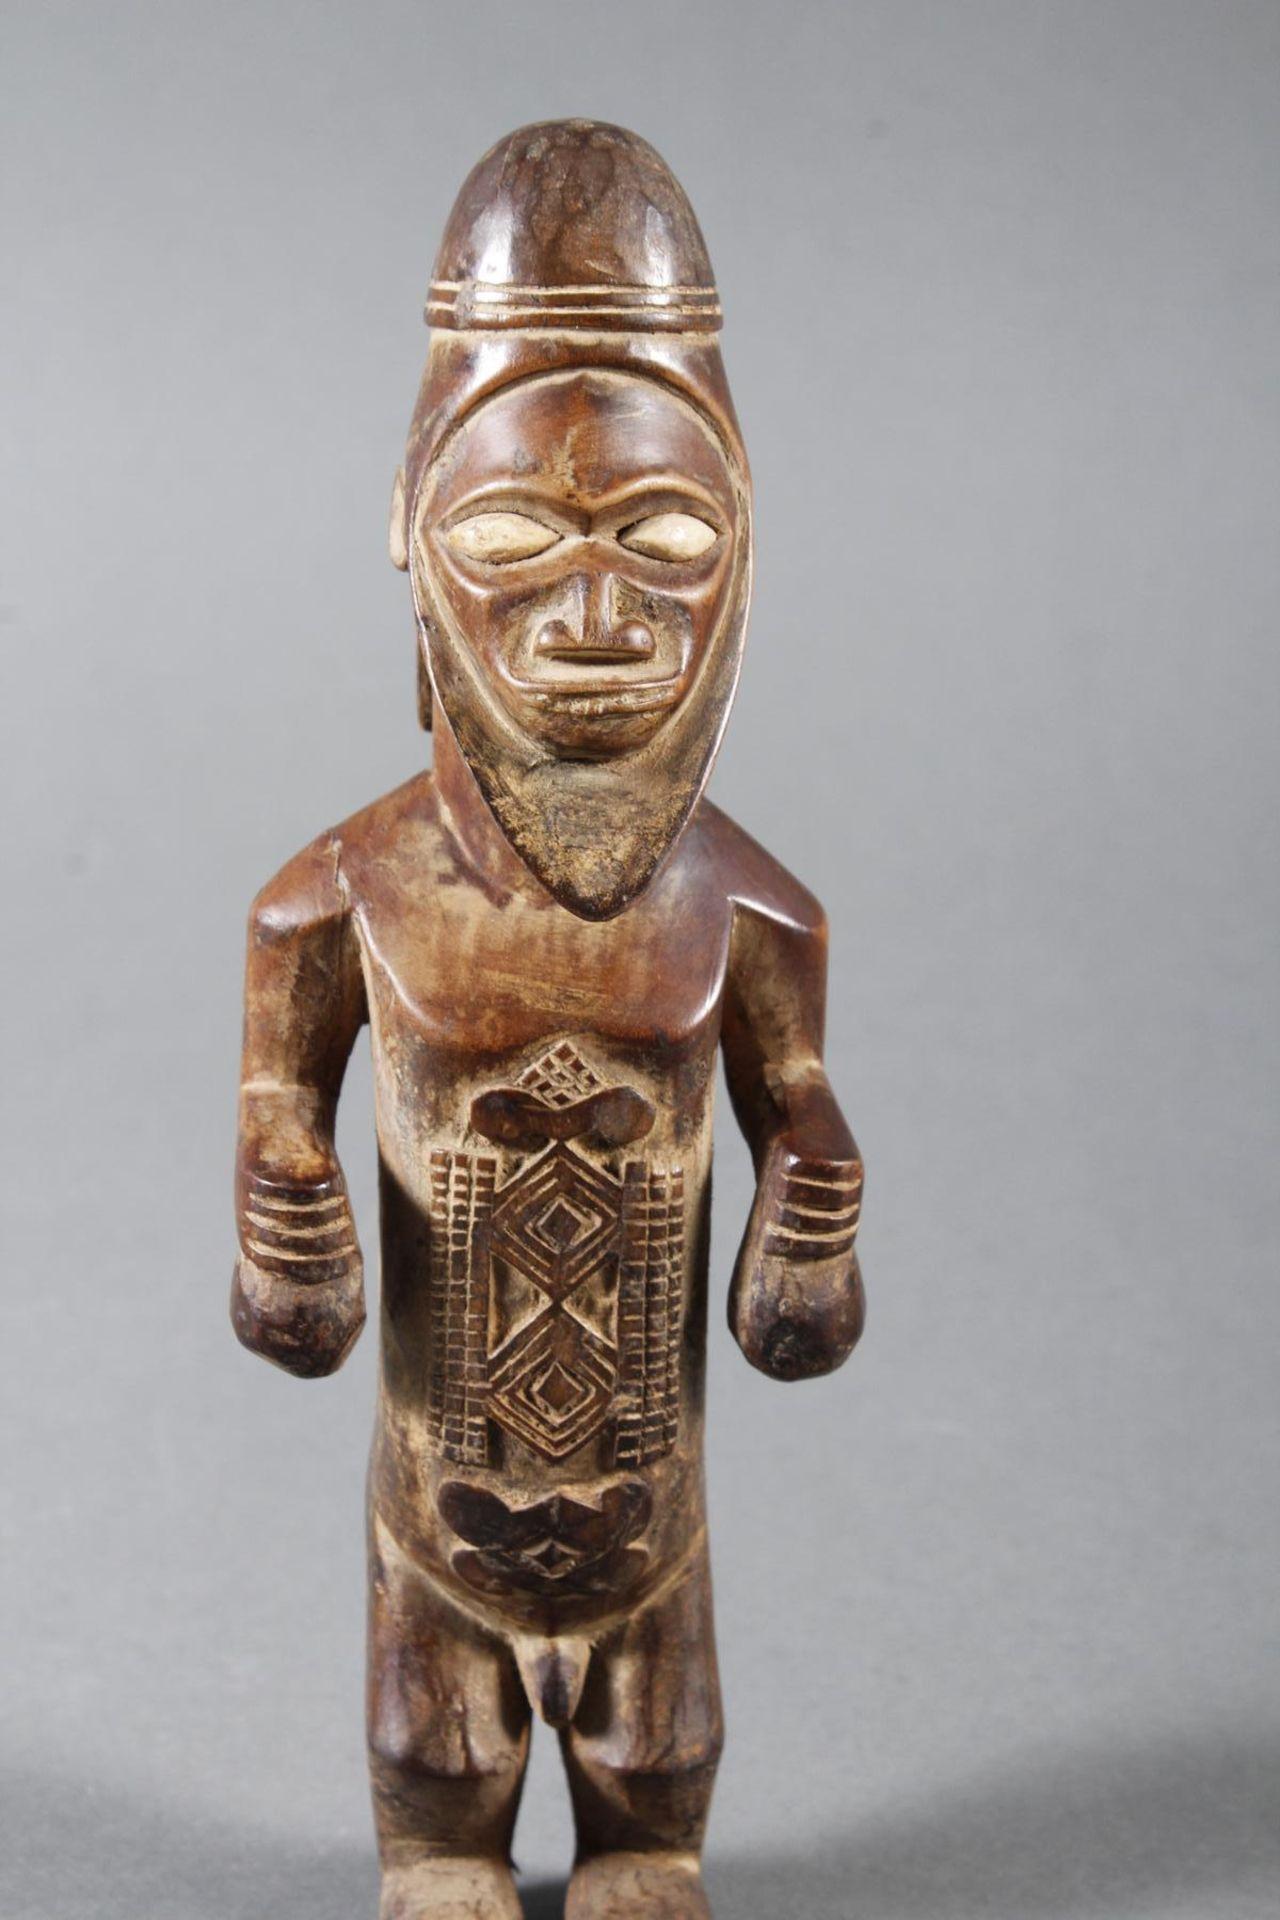 Krypto-Fetischfigur, Bembe / Kongo - Bild 6 aus 7